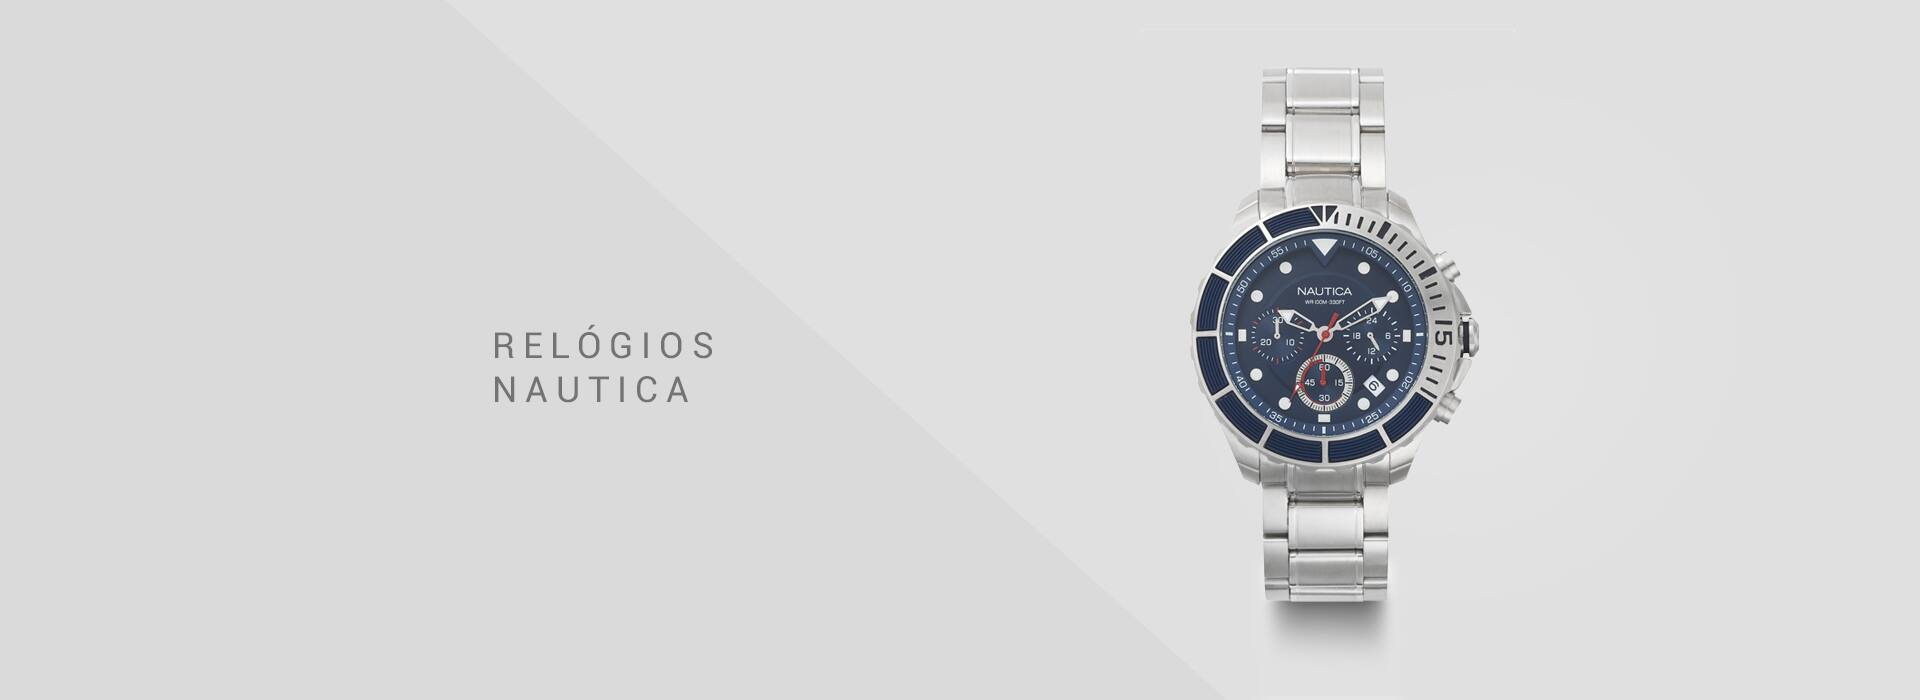 471d8f7112f Relógios Nautica